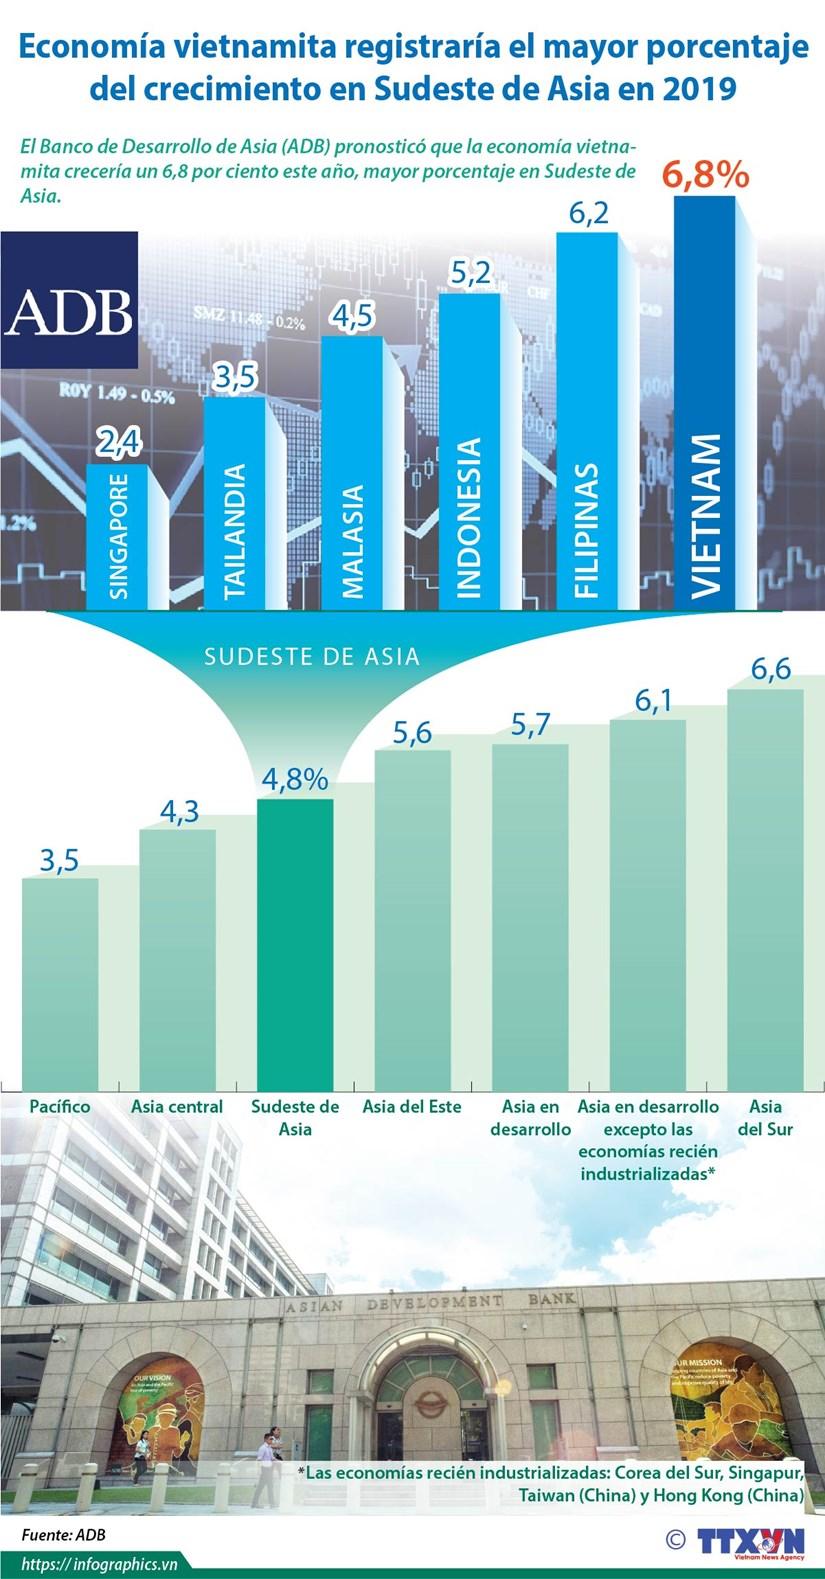 [Info] Economia vietnamita registraria el mayor porcentaje del crecimiento en Sudeste de Asia en 2019 hinh anh 1